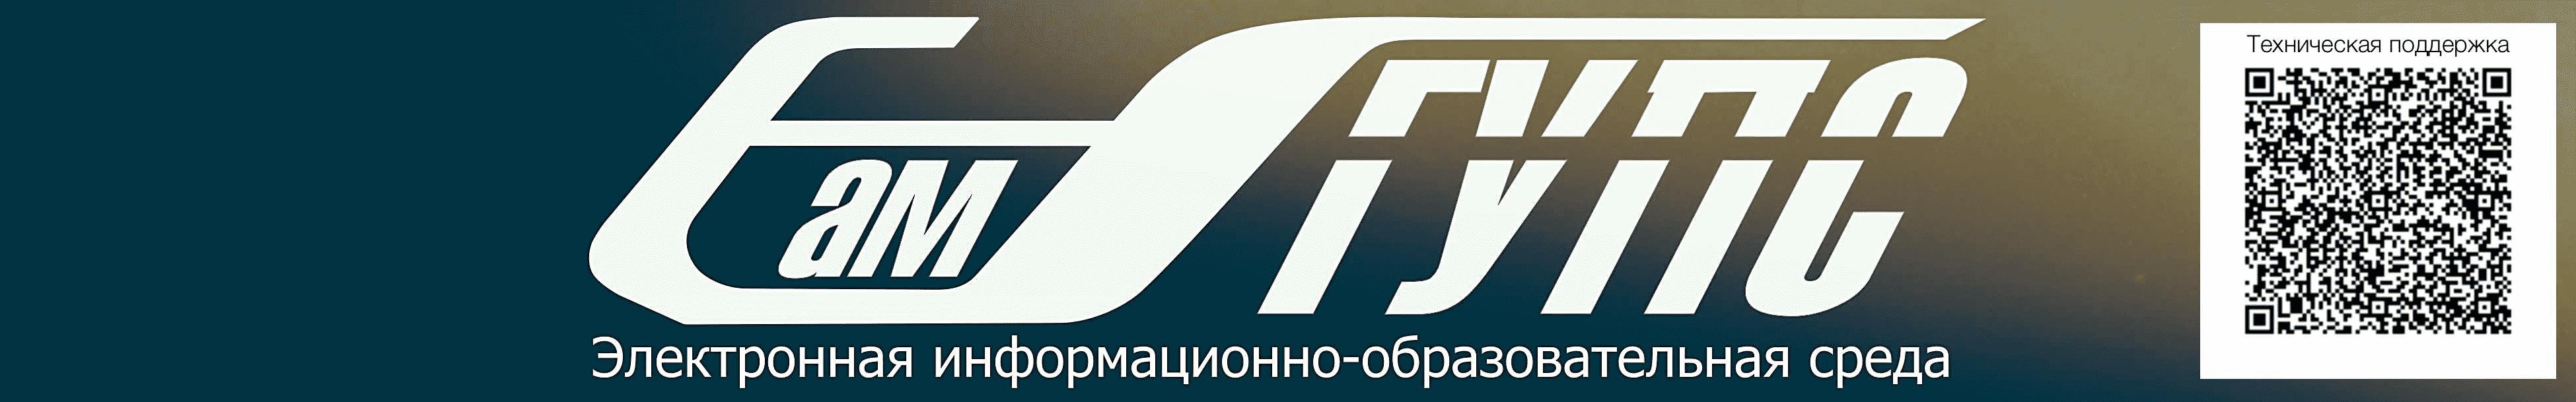 Логотип СамГУПС